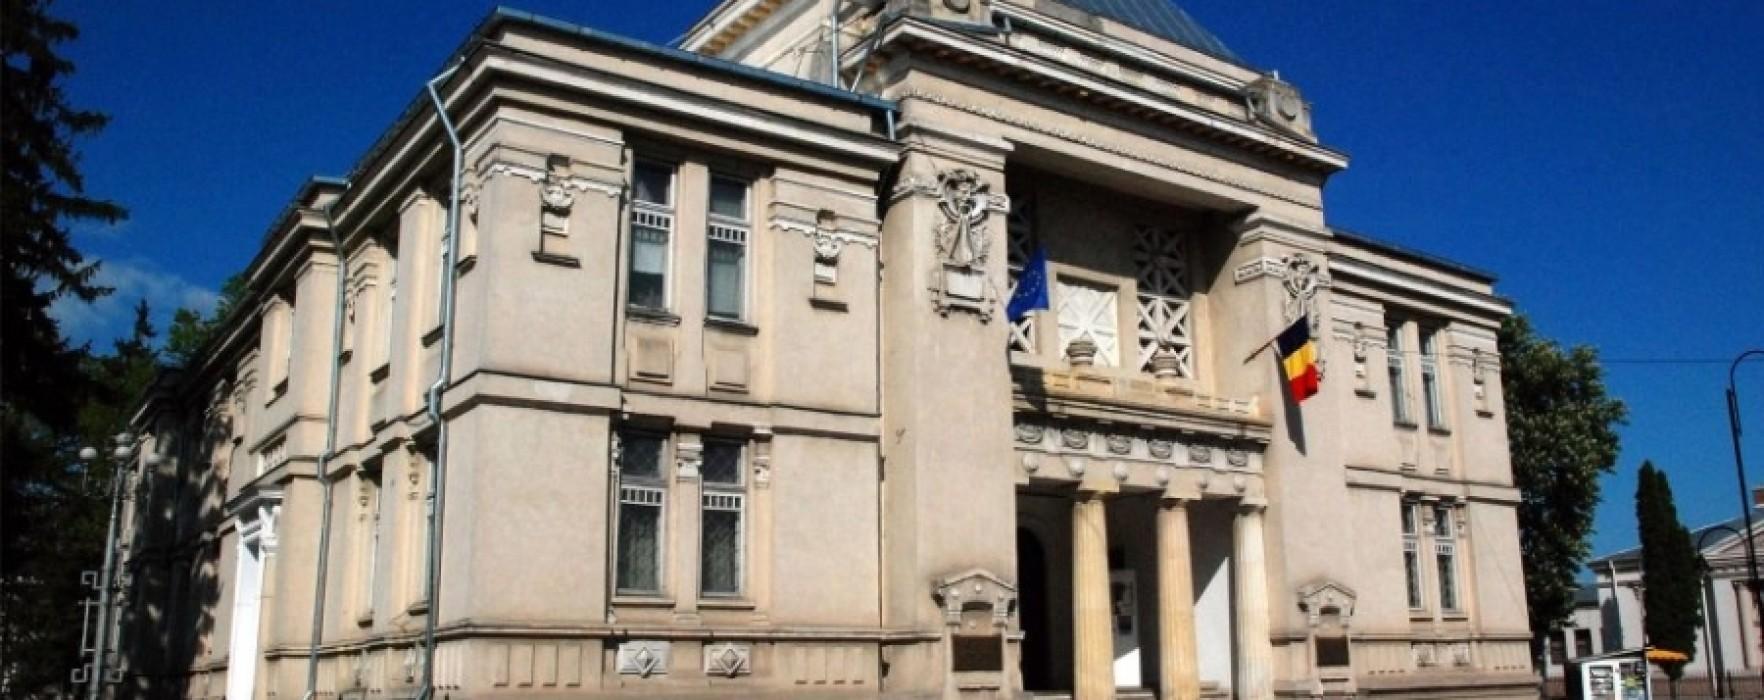 """""""Vacanţă la muzeu"""", proiect derulat la Complexul Curtea Domnească între 28 iulie – 8 august"""